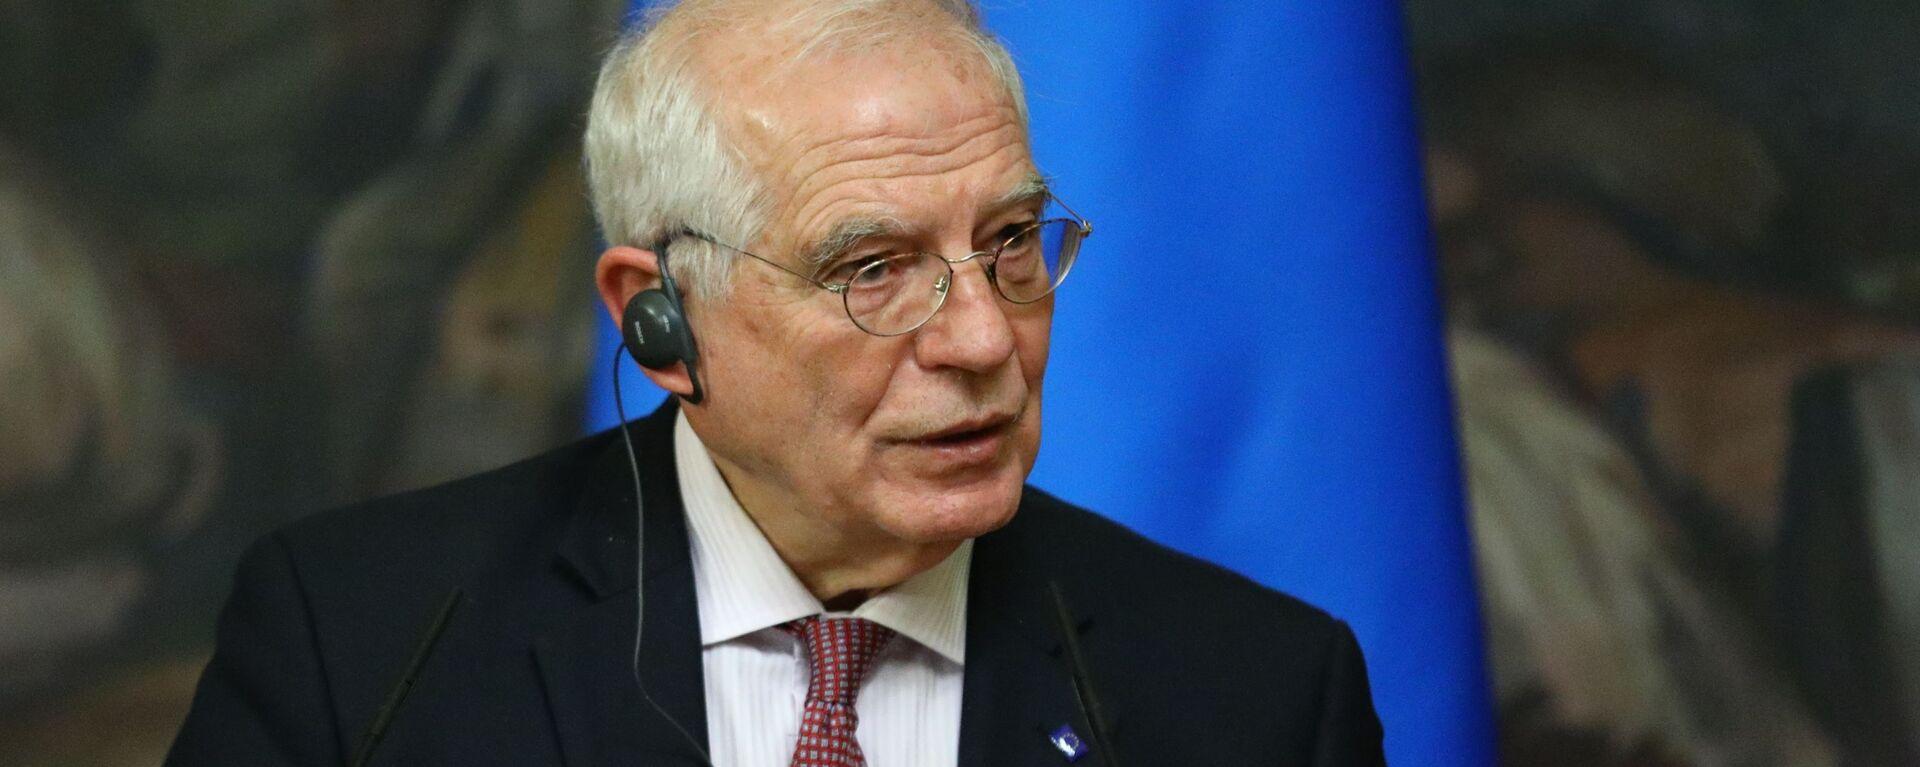 Wysoki Przedstawiciel UE ds. Zagranicznych i Polityki Bezpieczeństwa Josep Borrell - Sputnik Polska, 1920, 29.06.2021